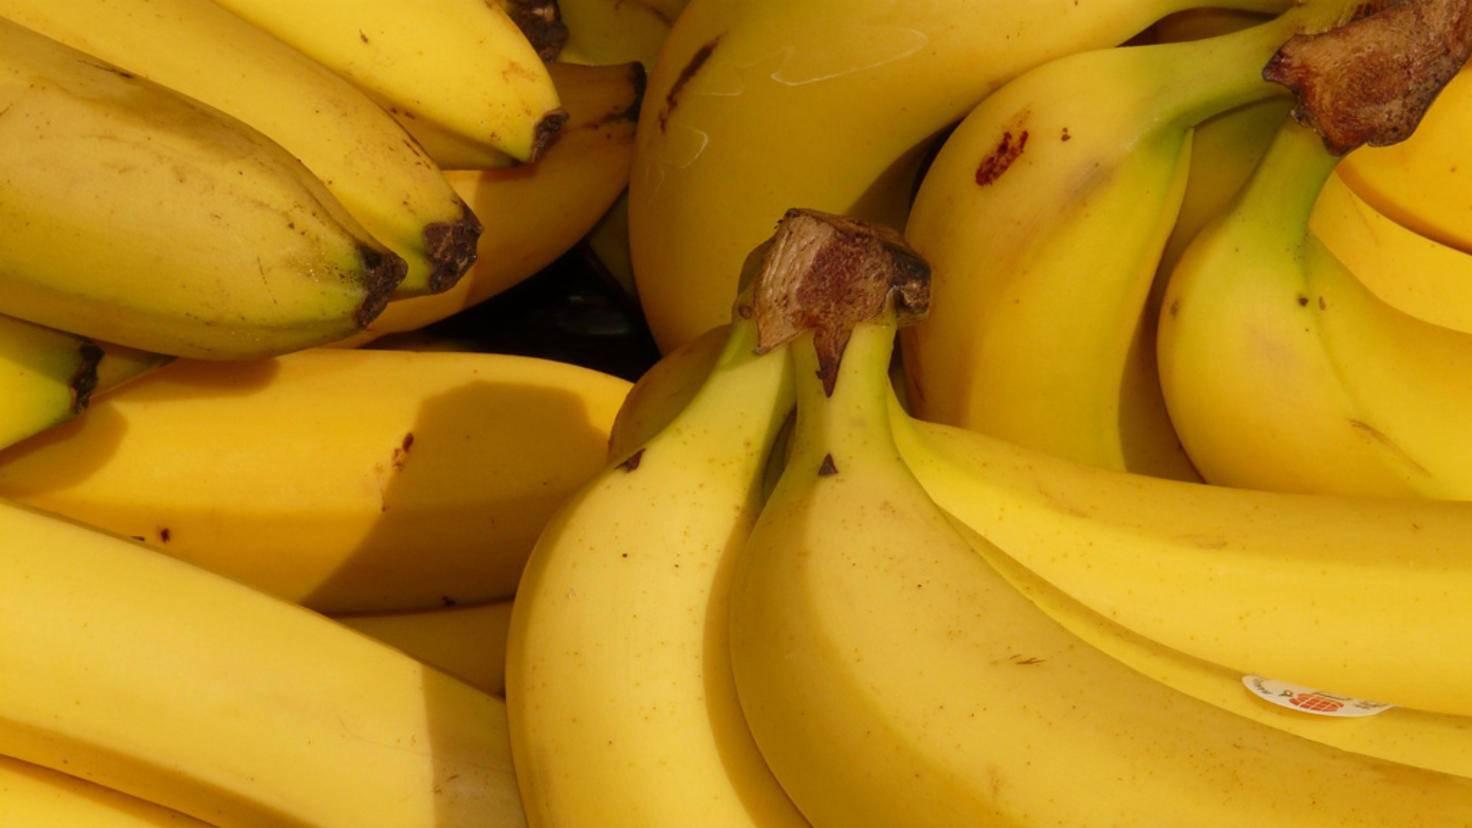 Keine Lust auf braune Stellen? Dann lagere Bananen besser nicht im Kühlschrank.